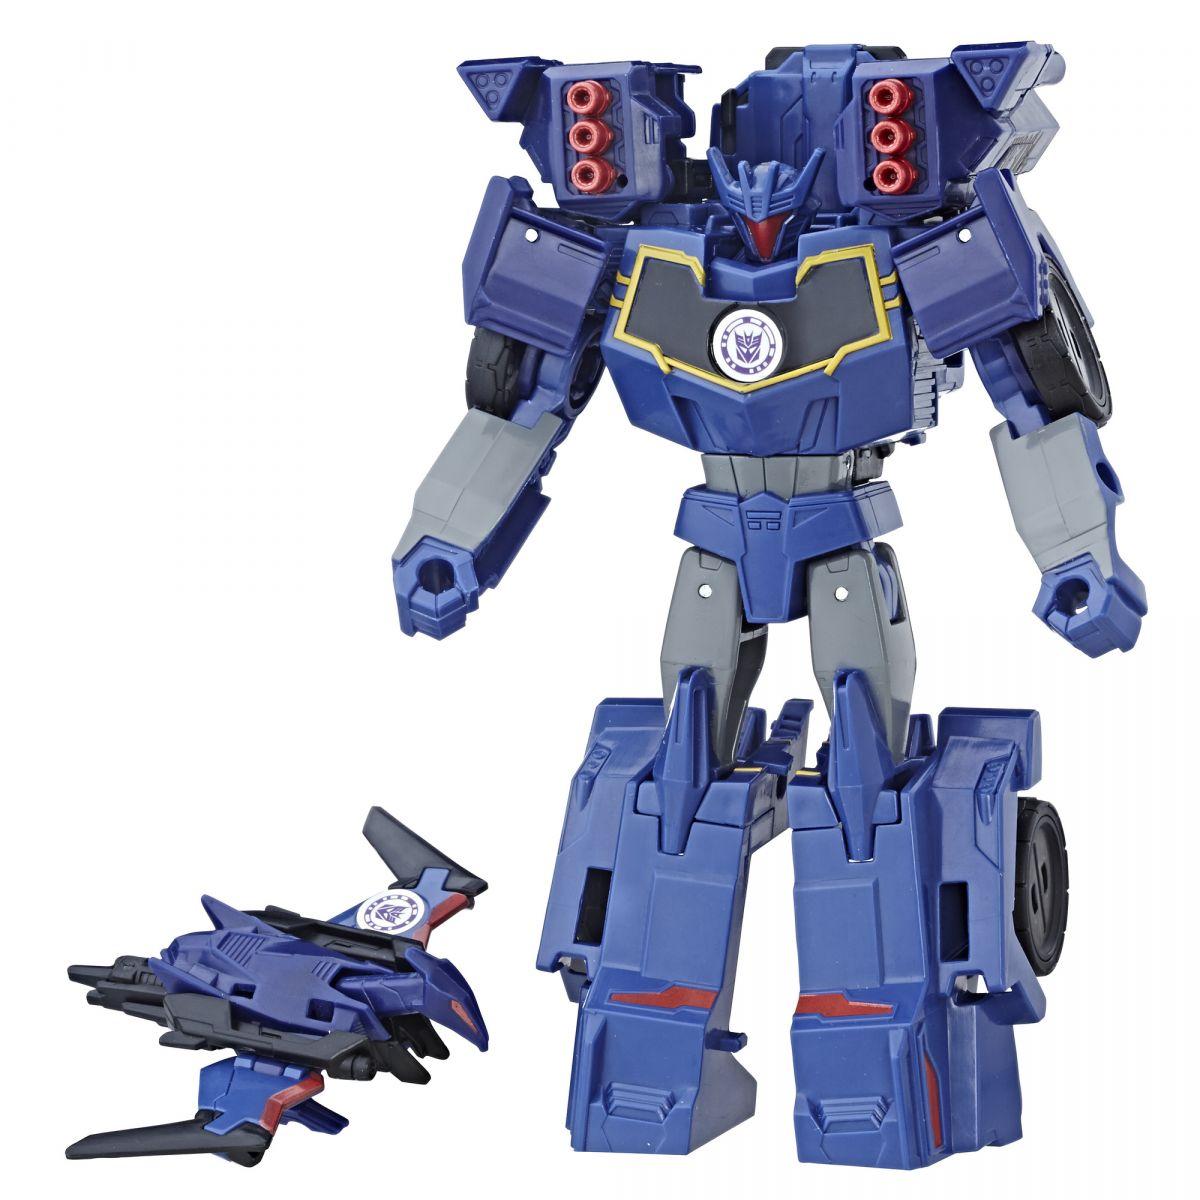 Hasbro Transformers Kombinátor set Laserbeak a Soundwave